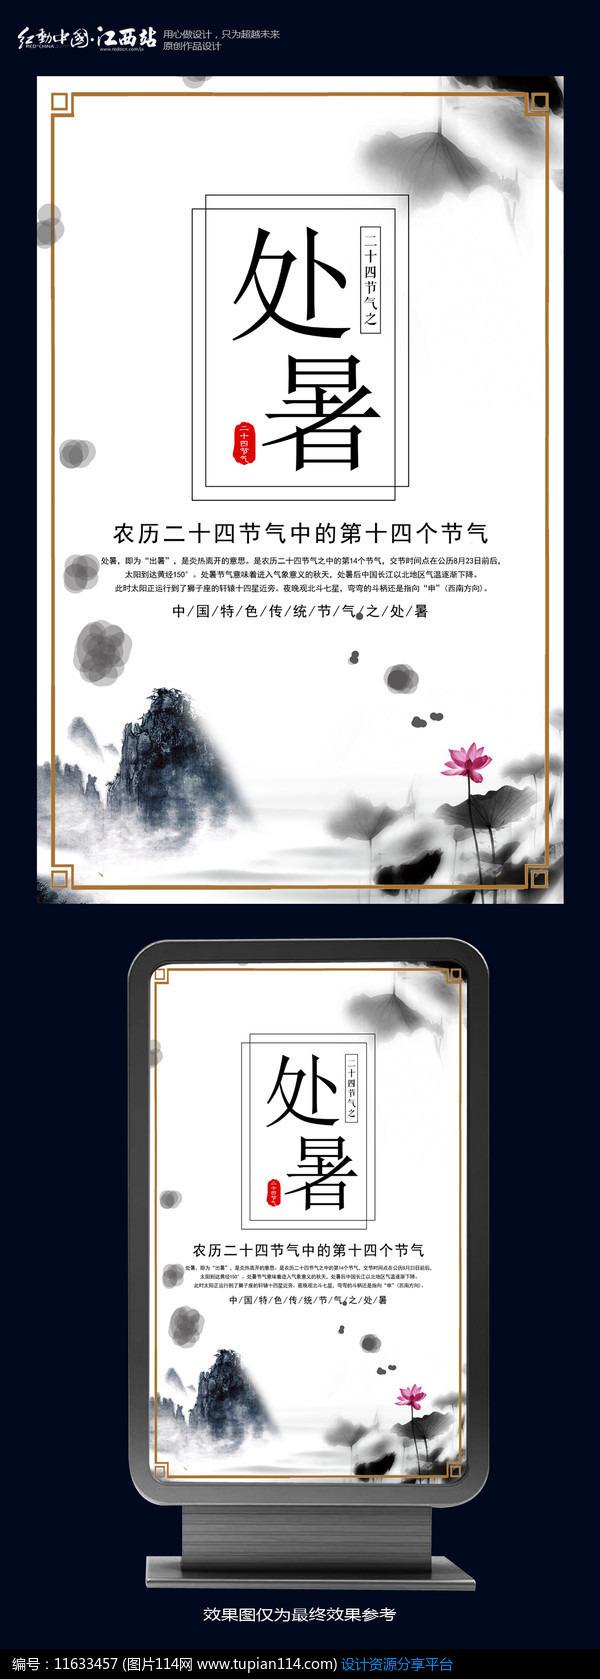 中国风二十四节气处暑海报设计素材免费下载_海报设计图片